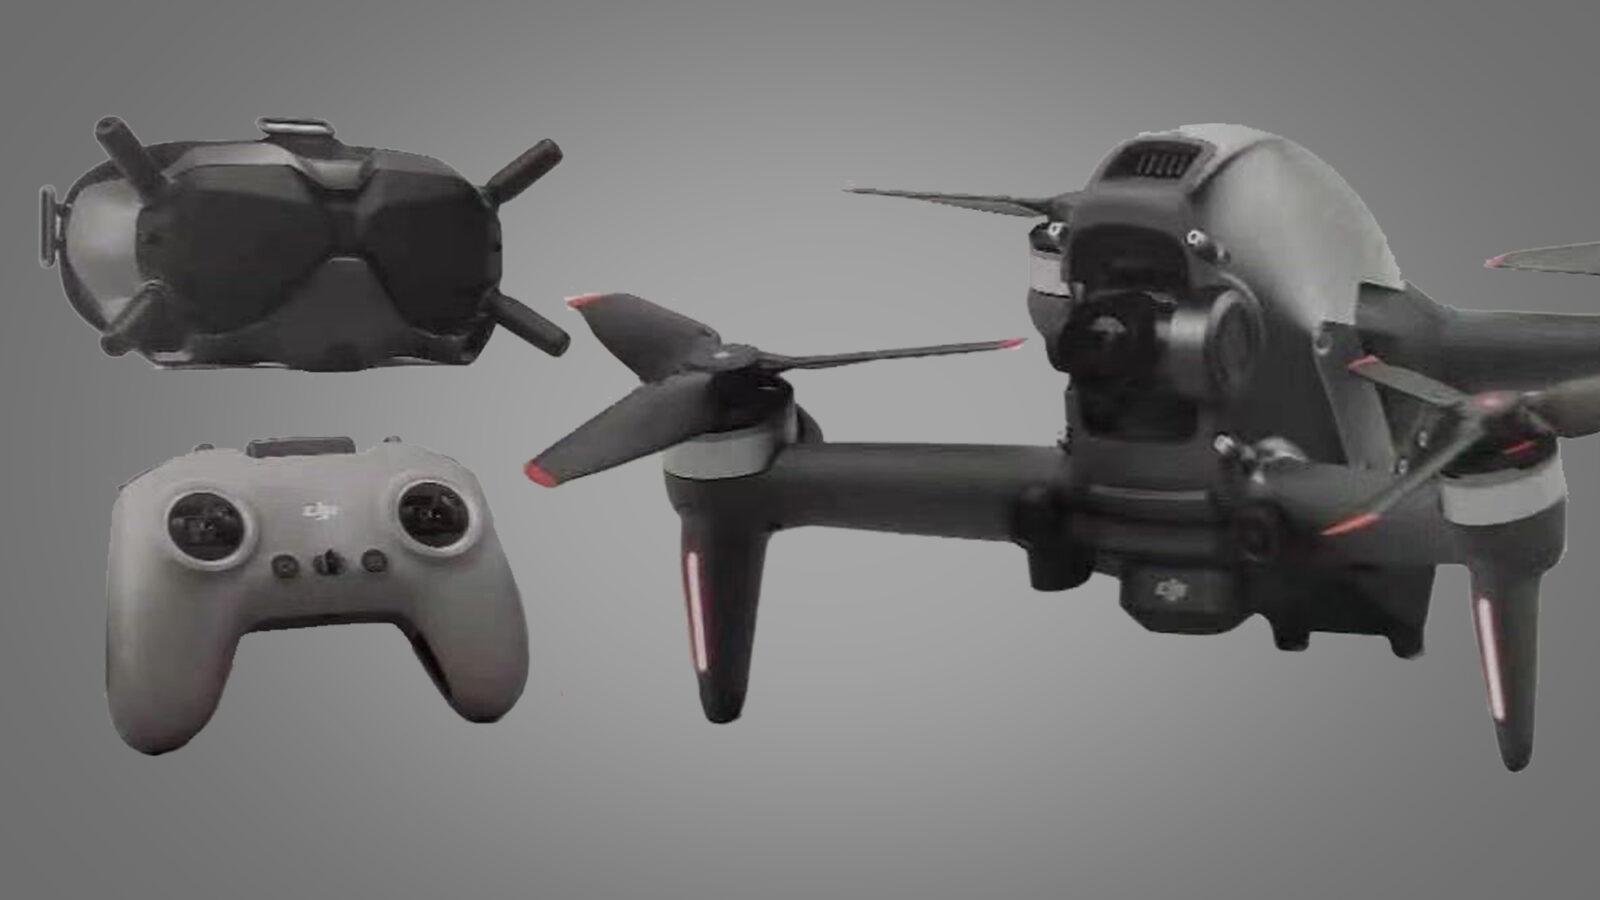 Новейший дрон DJI засветился в видео до официального анонса ()